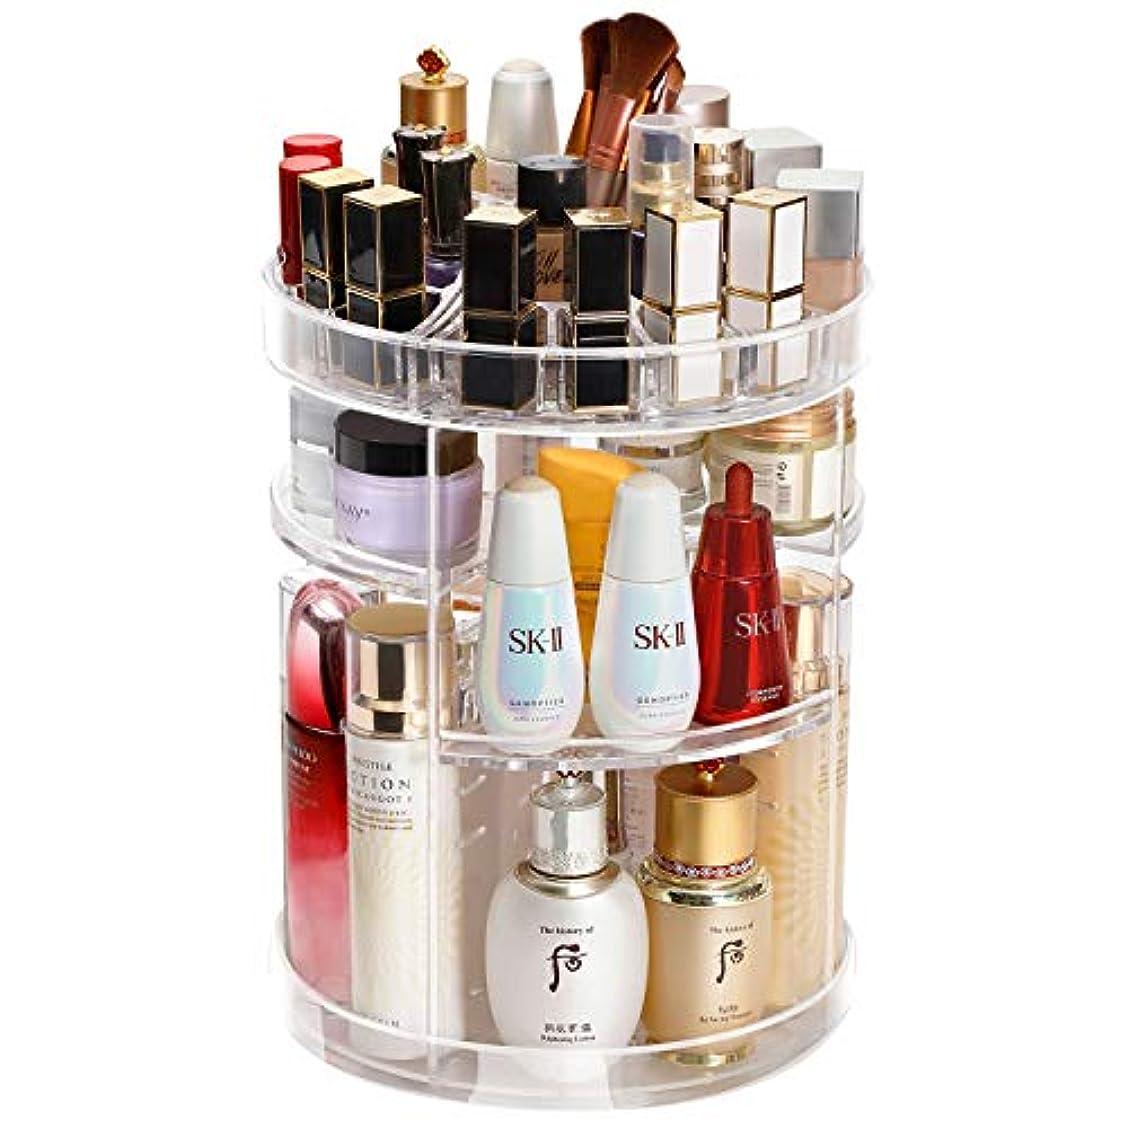 編集者フォーマットエッセンス化粧品収納ボックス 大容量 360°回転可能 収納ボックス 耐久性 透明 口紅 コスメ 小物収納 アクリルケース